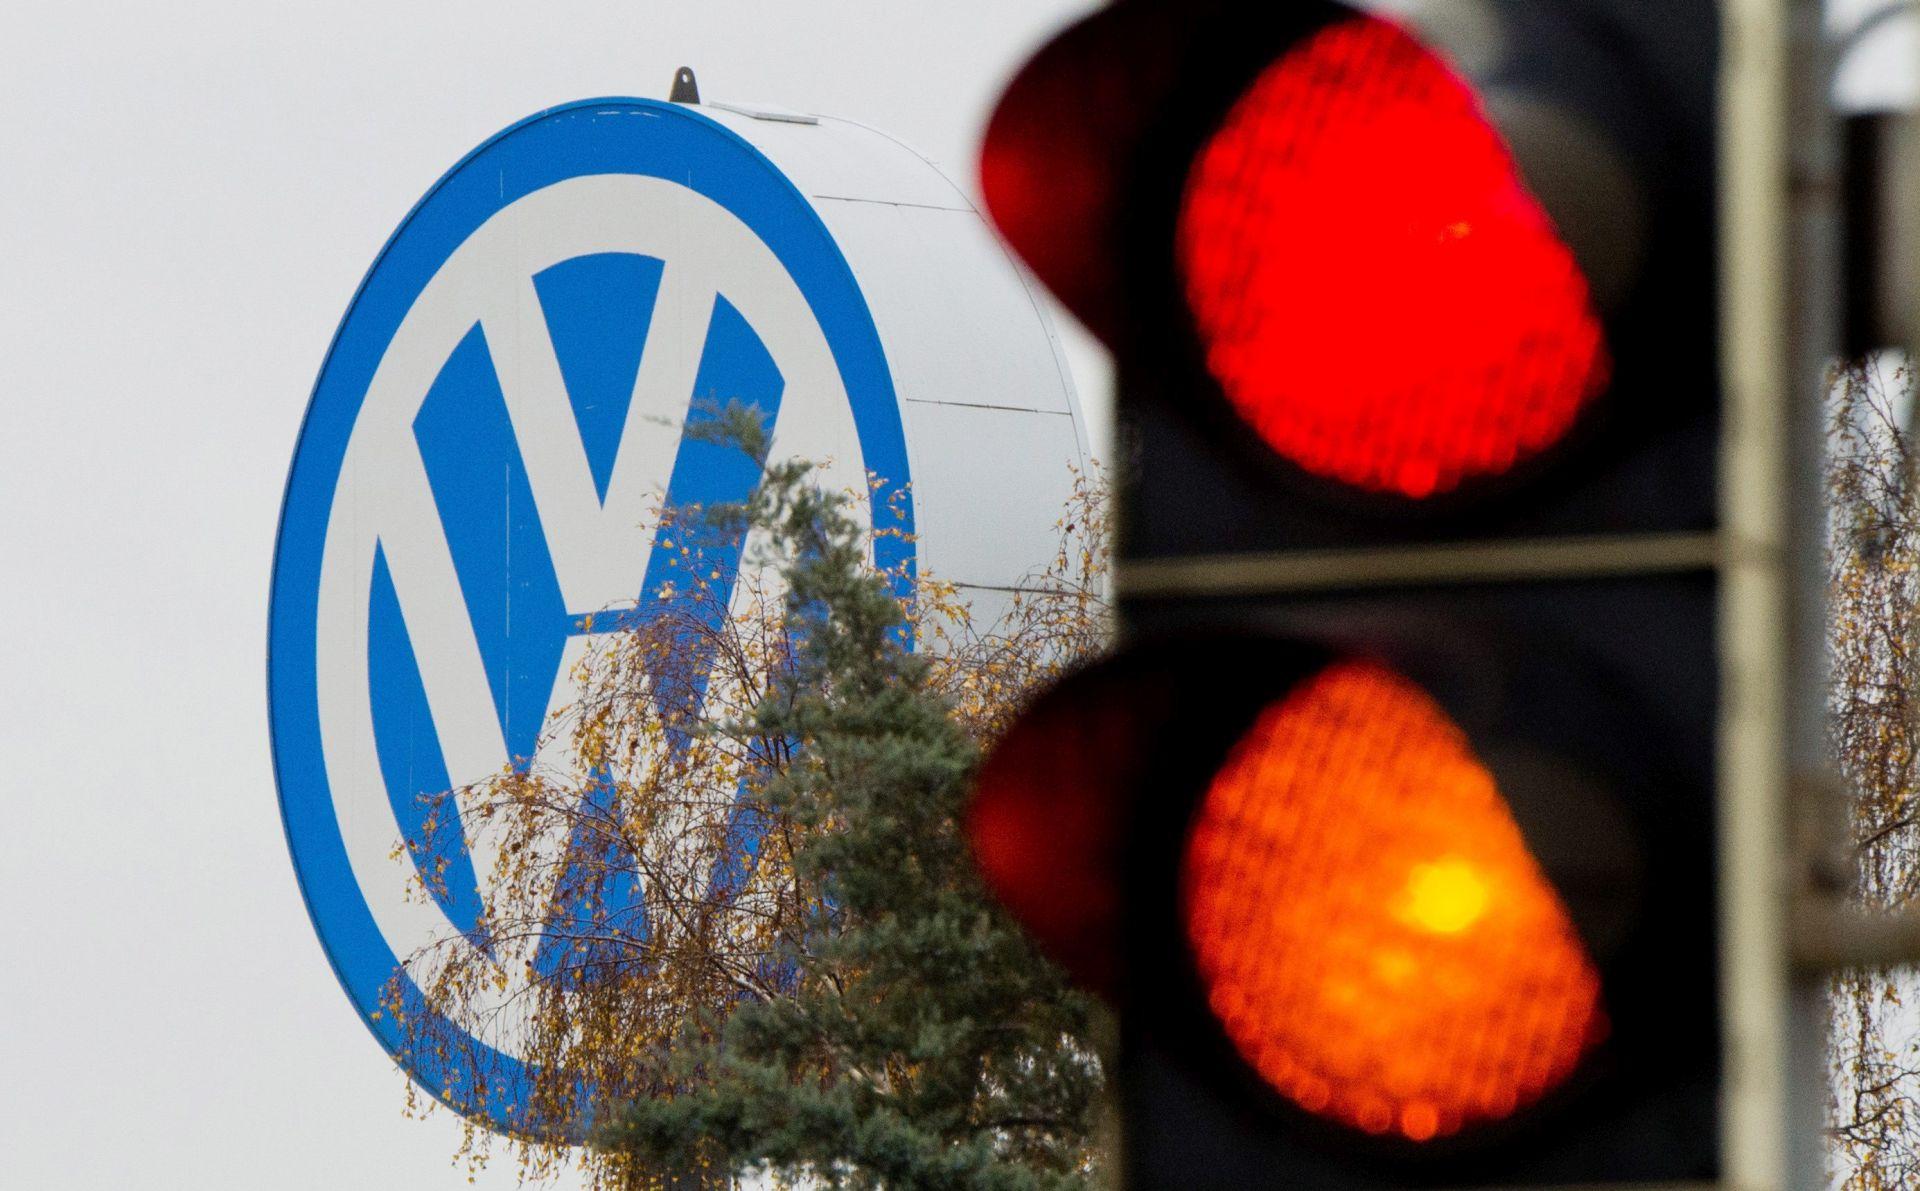 VW zviždačima dao rok do kraja studenoga da otkriju što znaju o skandalu s dizelskim motorima